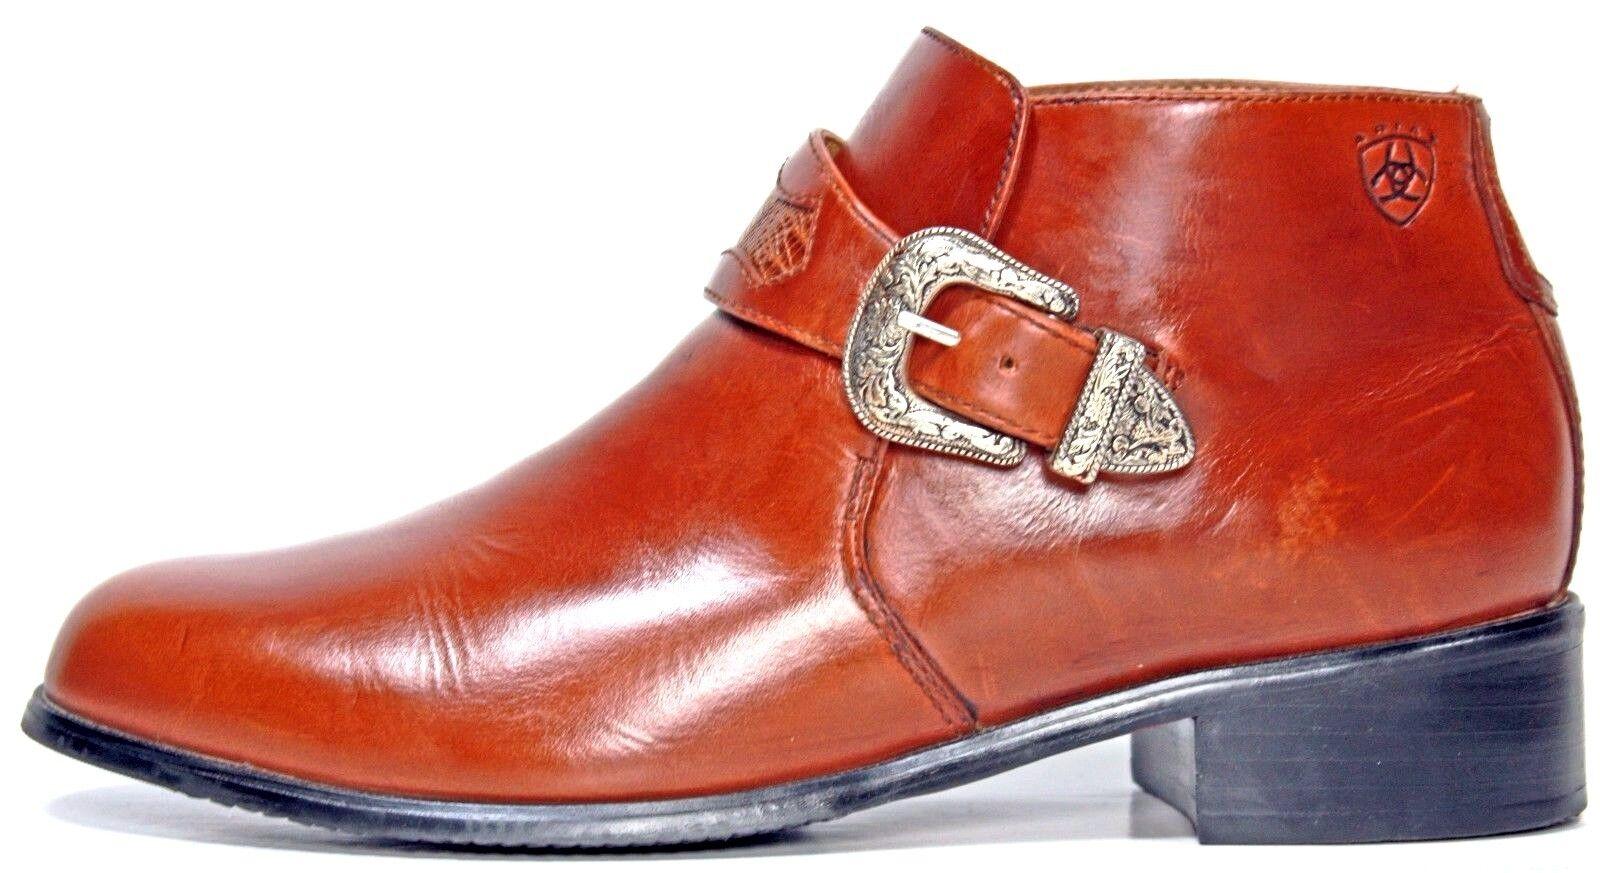 Ariat Damenschuhe Stiefel Größe 7.5 B Braun Leder Western Buckle Monk Strap MO3